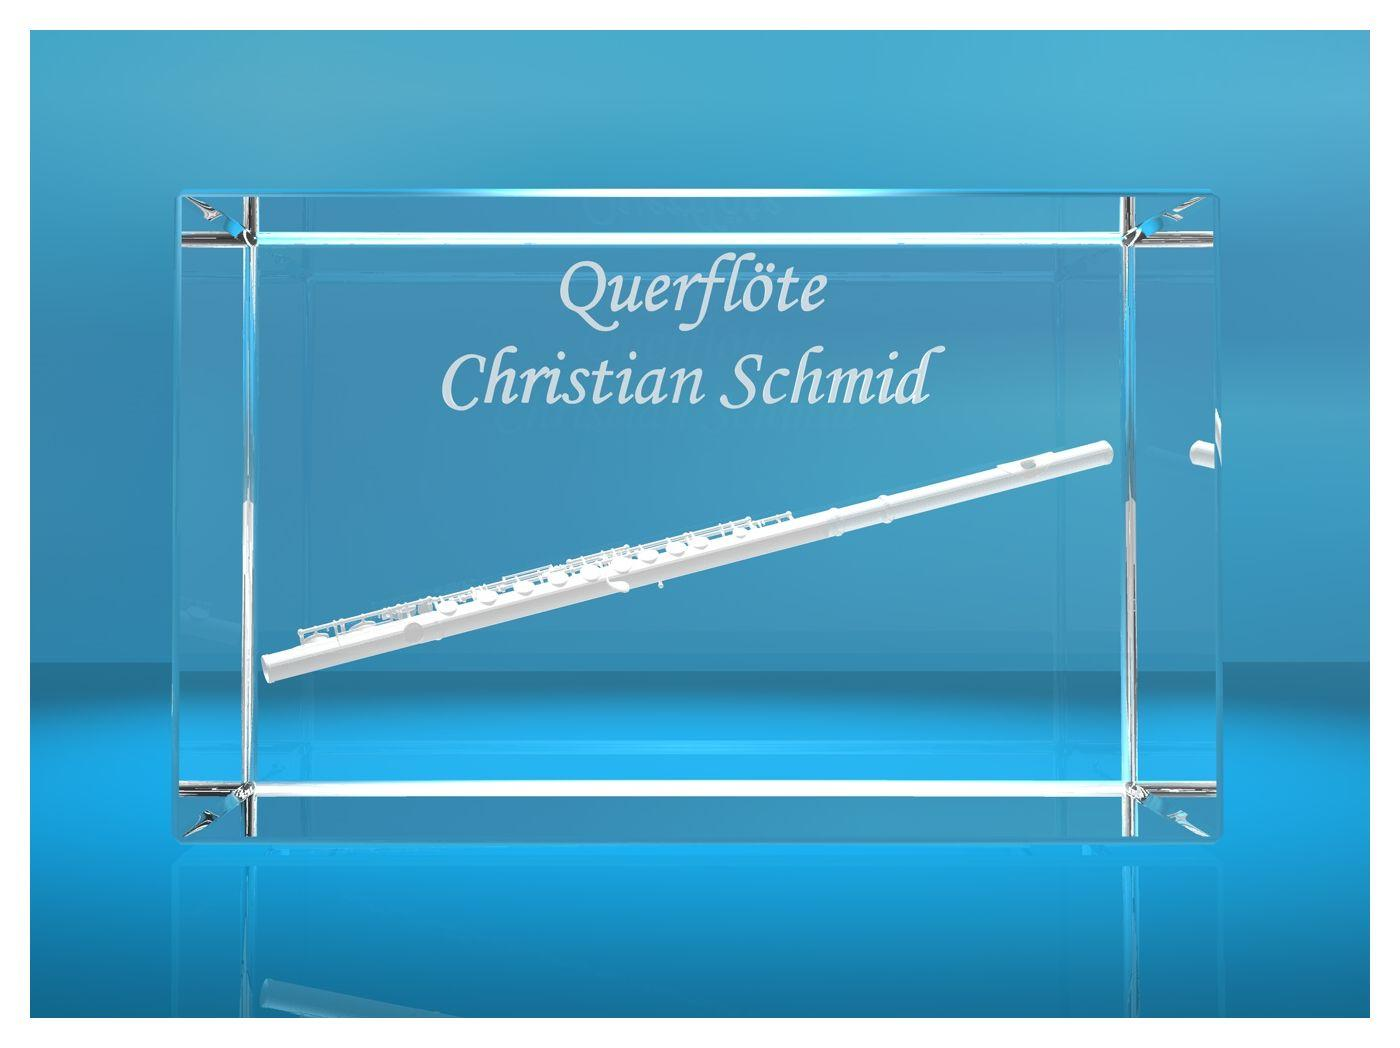 3D Glasquader |Querflöte mit Wunschnamen |Flöte |Geschenk für Flötisten Flöstistin Musiker Orchester|Konzertflöte